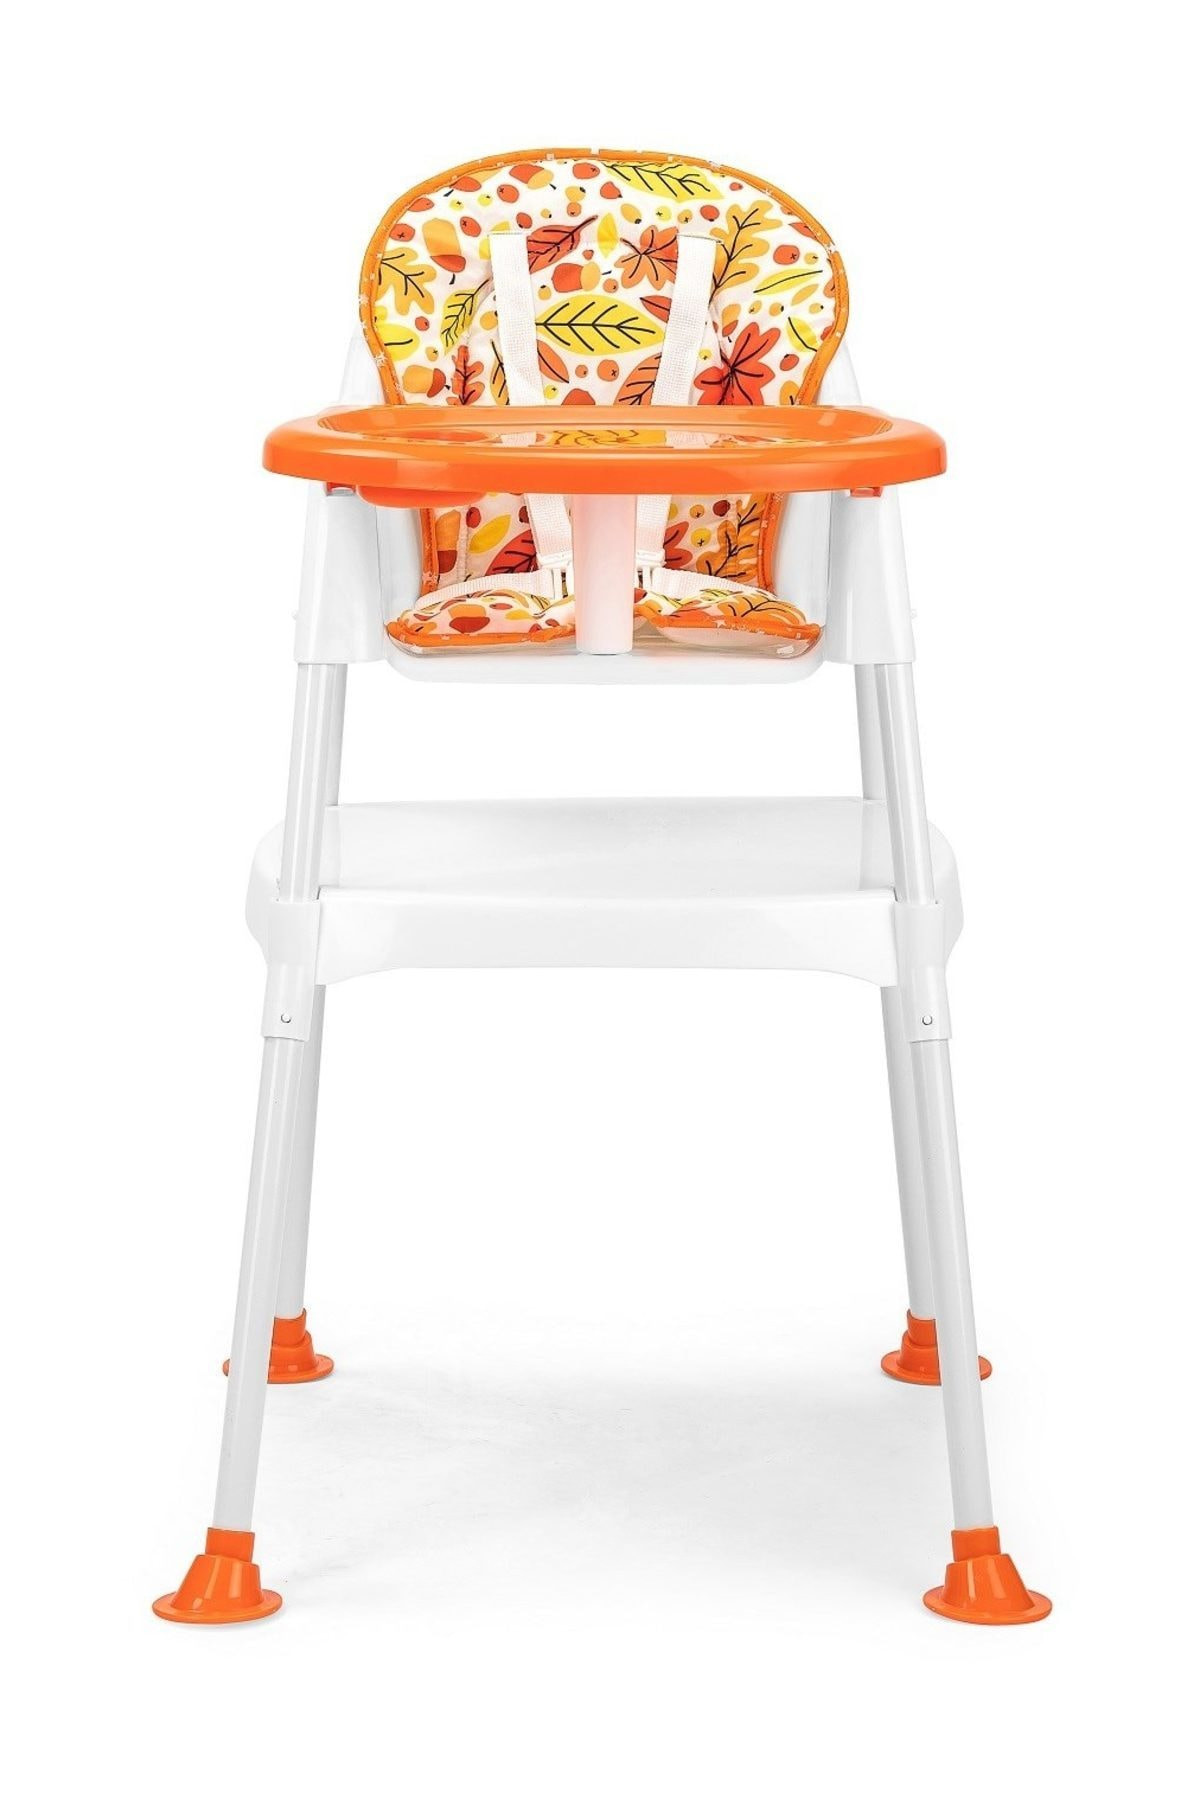 TinyCare TinyCare çalışma masalı kılıflı portatif mama sandalyesi 2